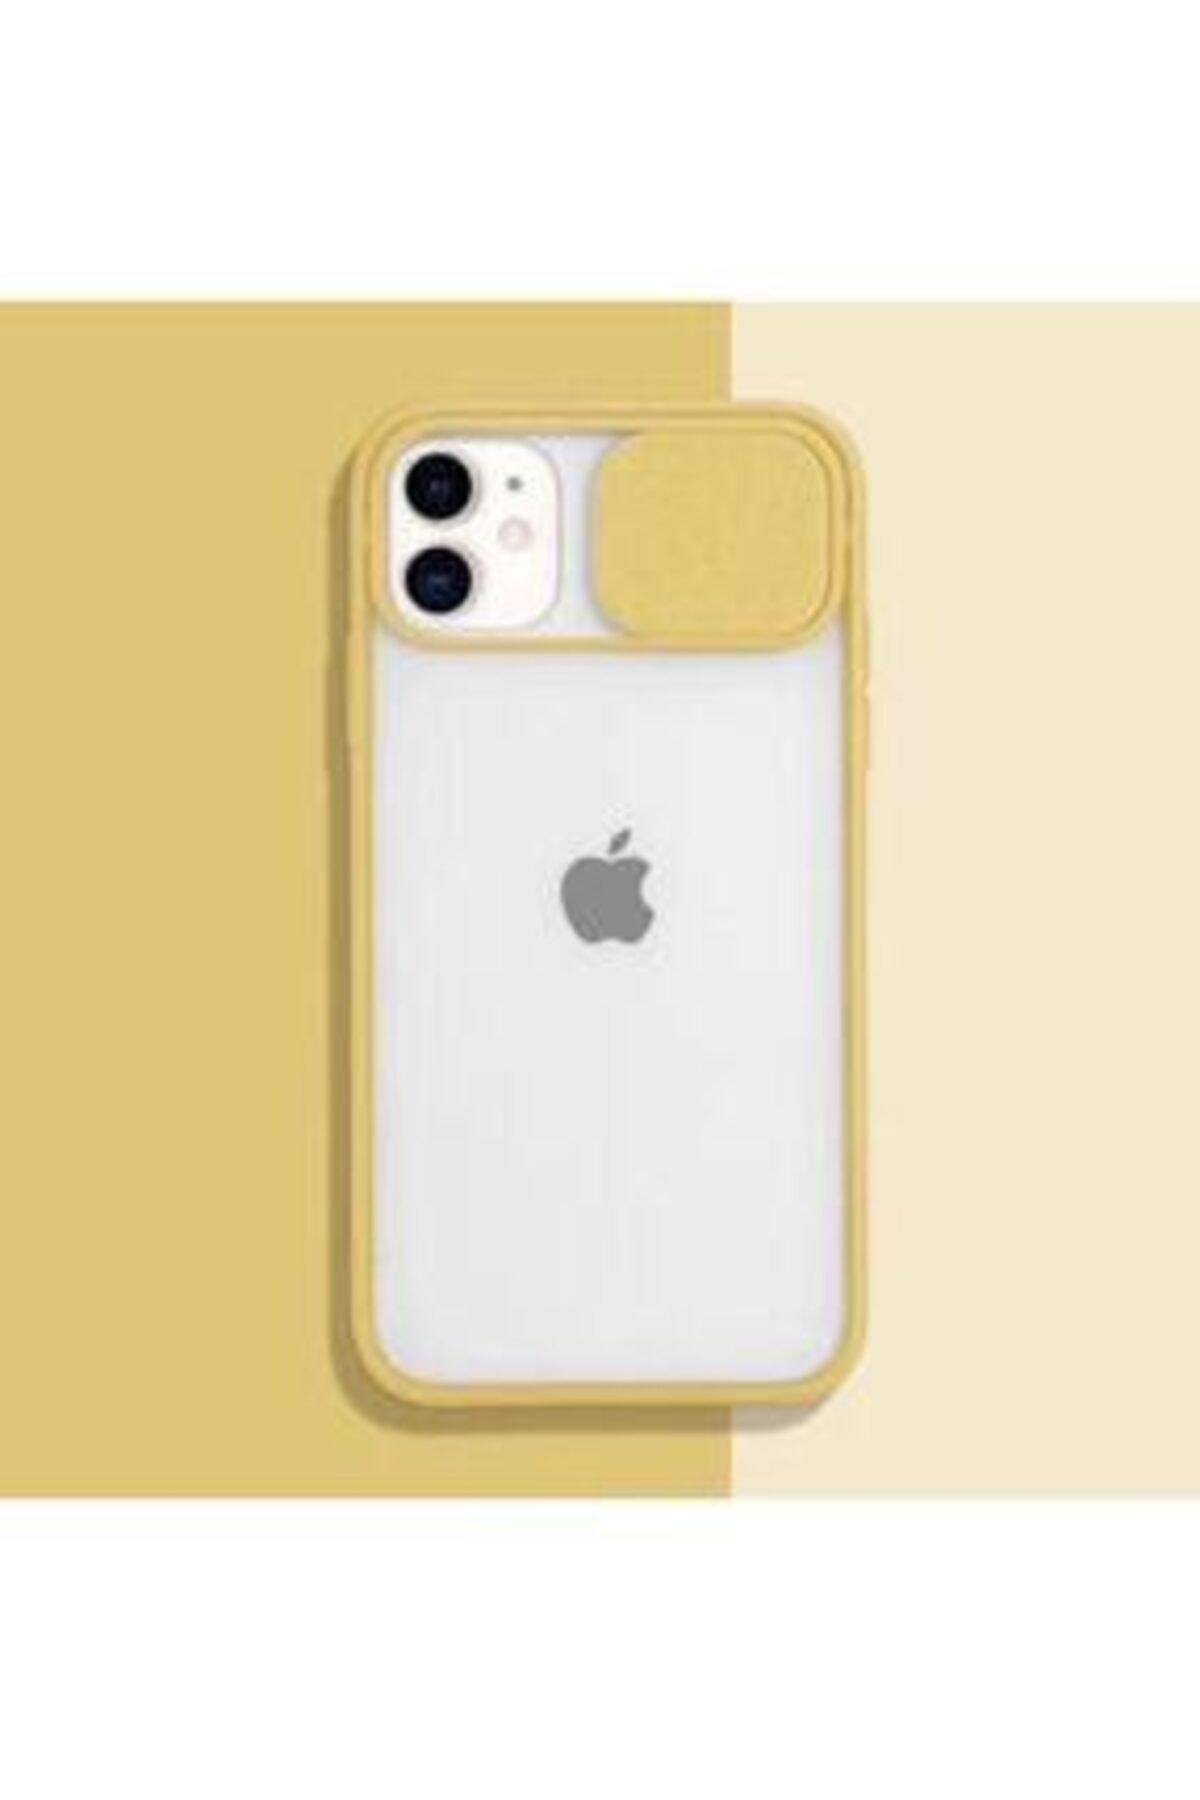 ULS Iphone 12 Pro Max Uyumlu Kamera Lens Korumalı Sürgülü Kılıf 1